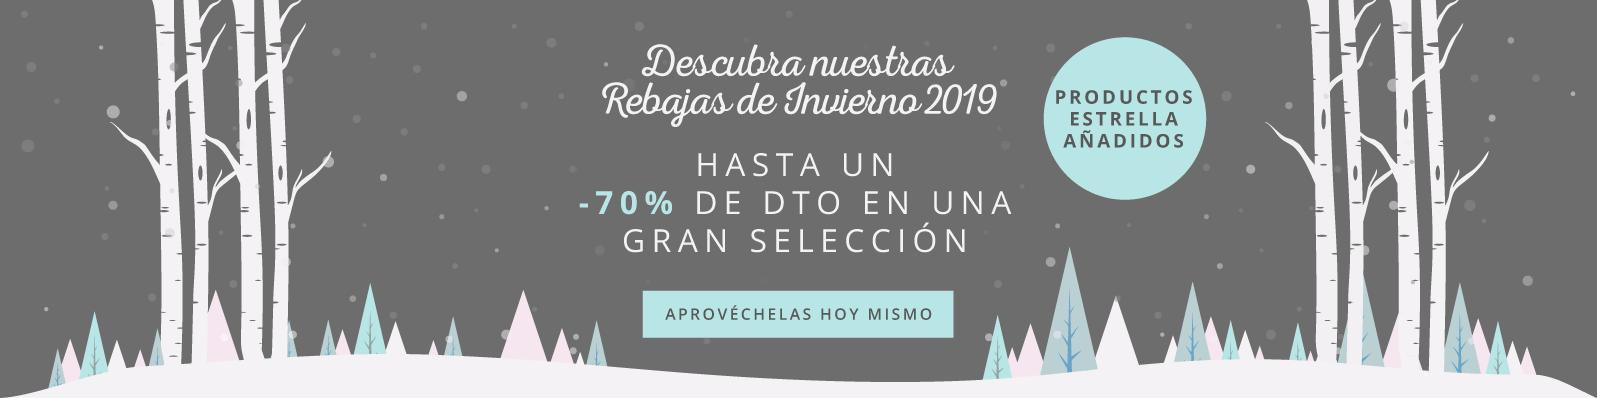 Descubra nuestras Rebajas de Invierno 2019 Hasta un -60% de Dto en una gran selección Aprovéchelas hoy mismo - ¡Nuevas líneas añadidas!